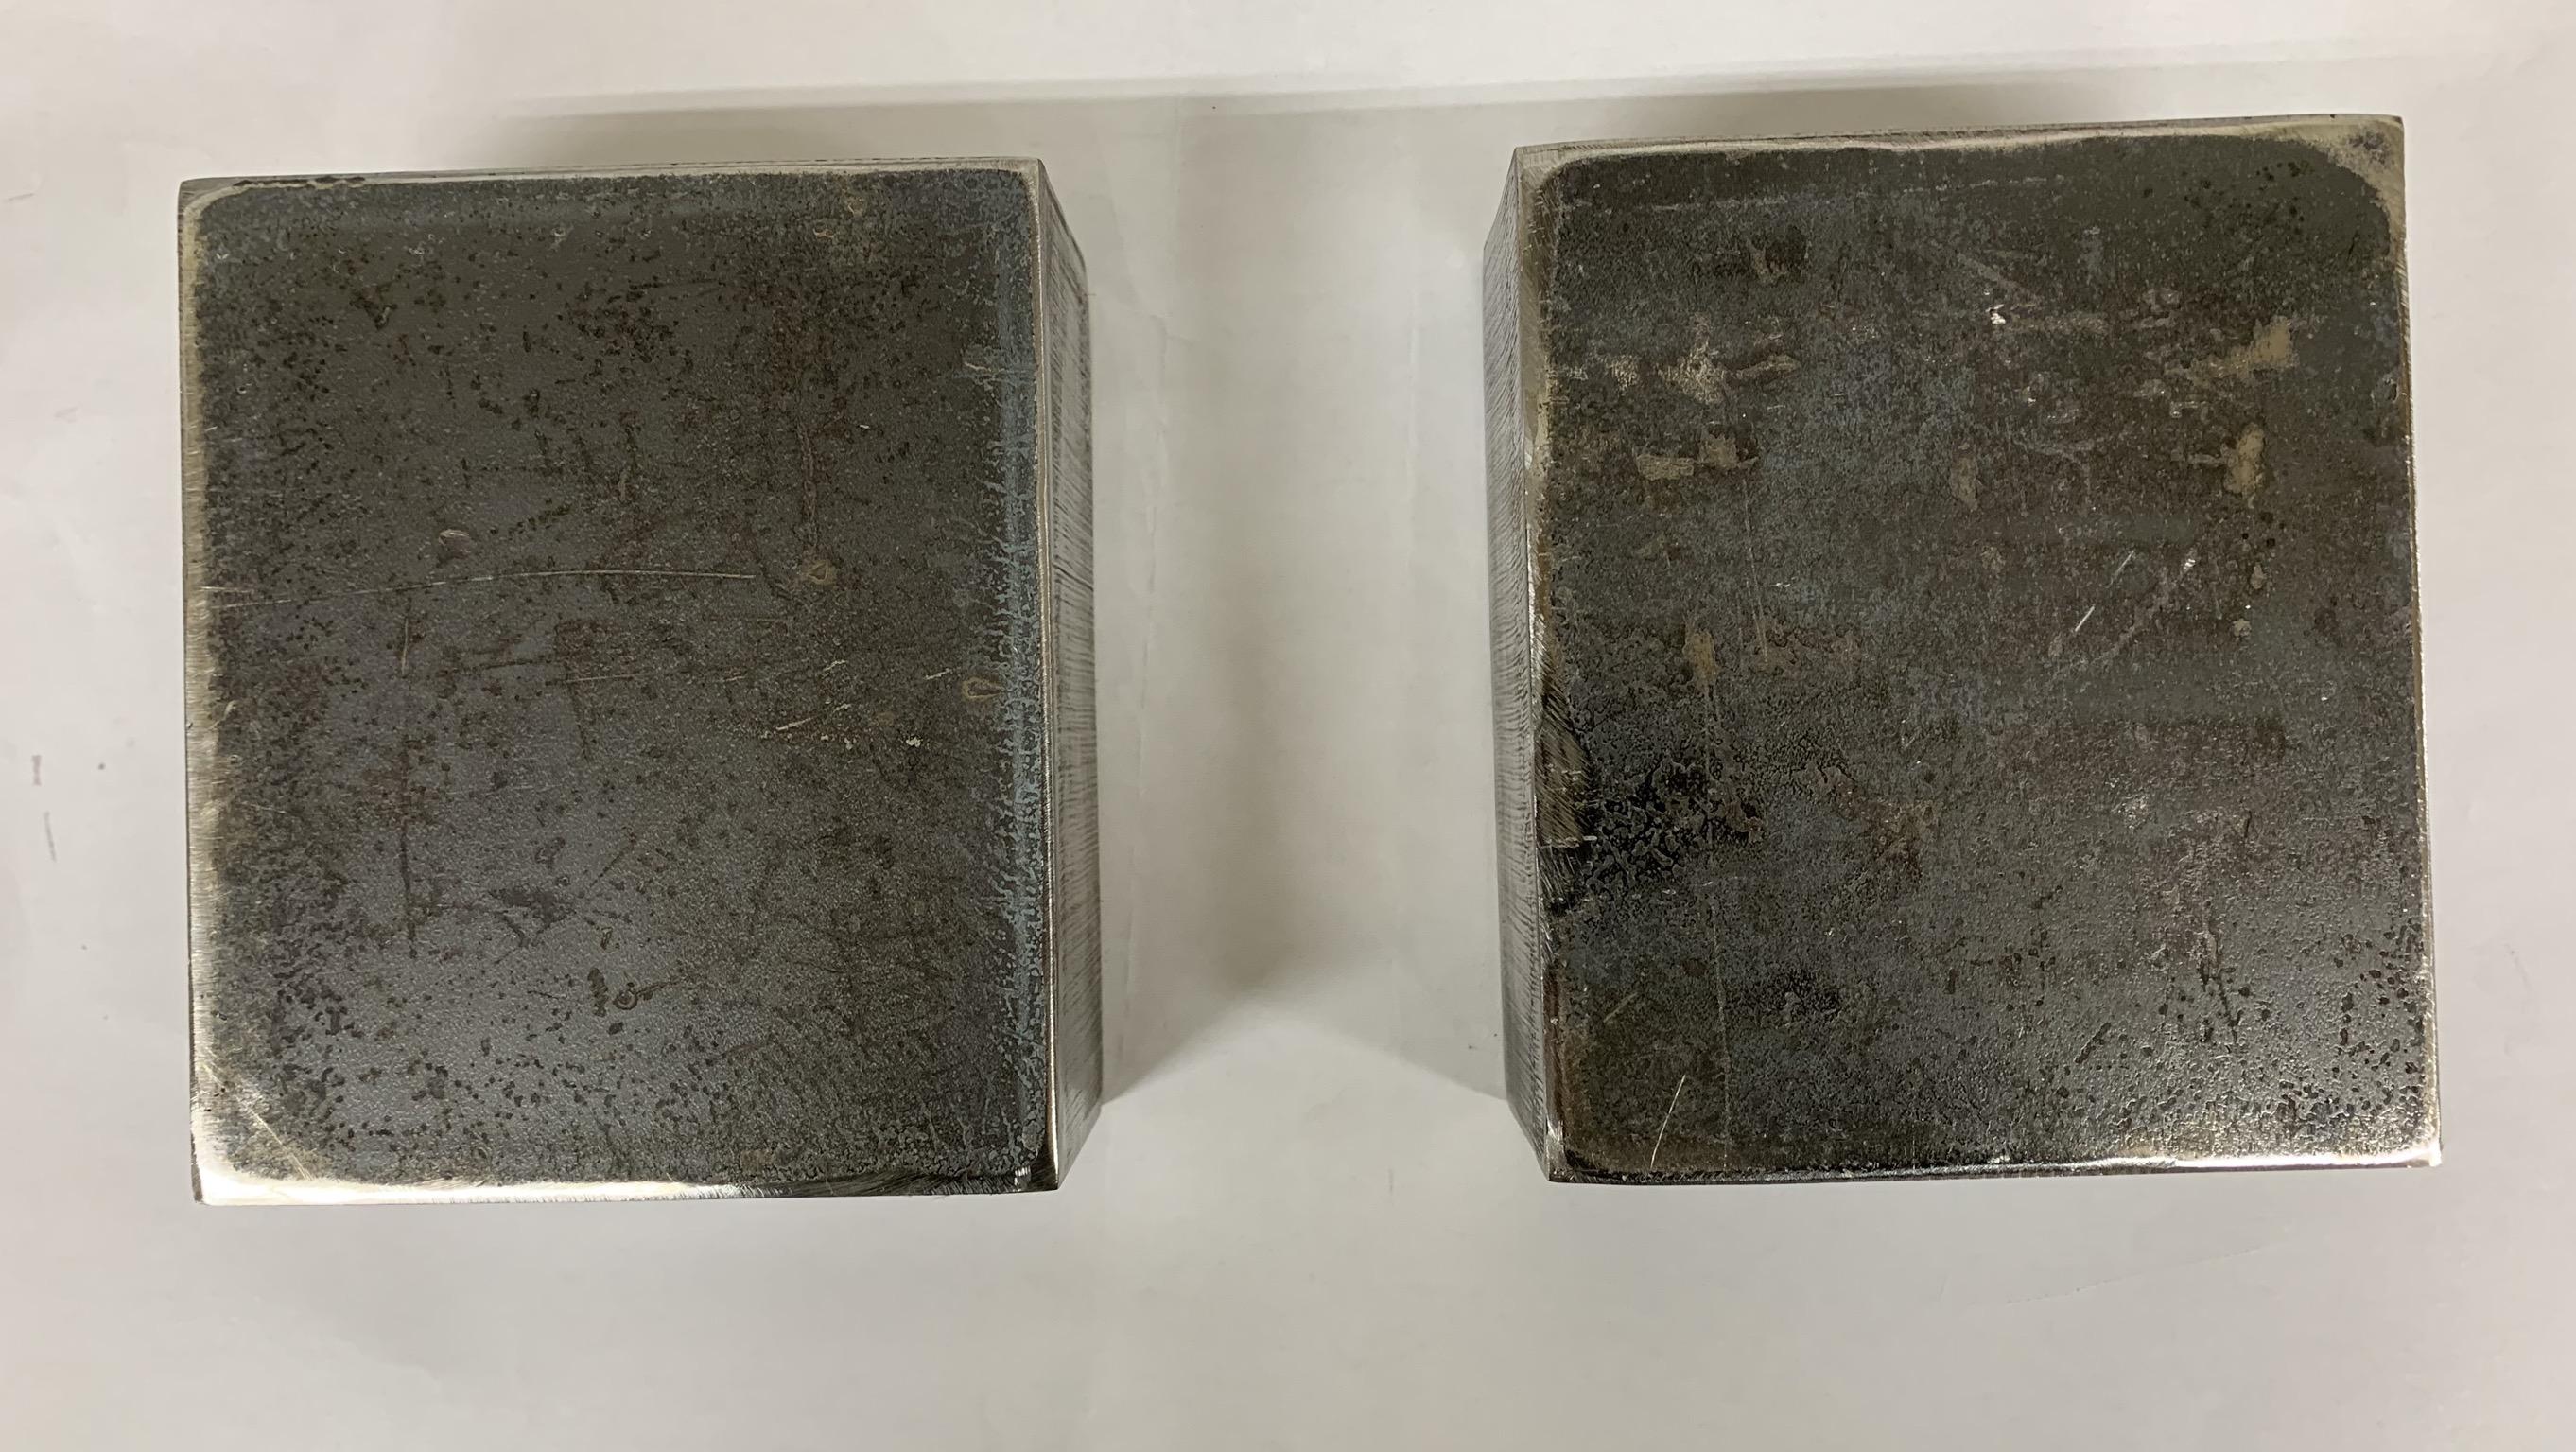 【送料無料】鉄 ブロック11.2cm×13.5cm 厚み60mm 2個セット